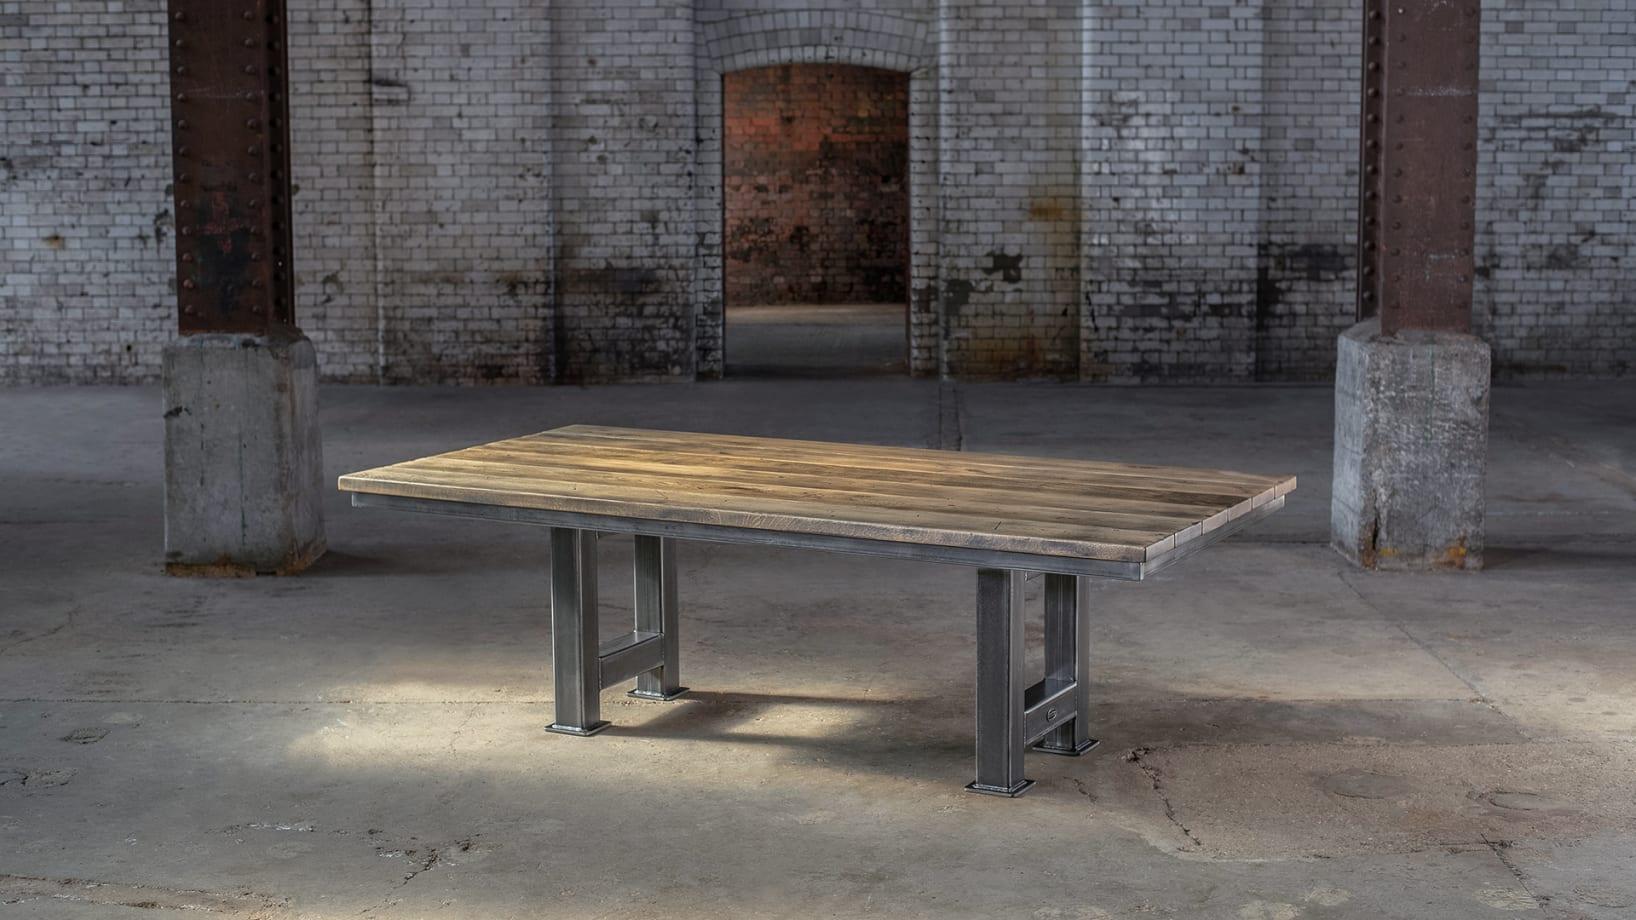 SV-GRAND-ARTISAN-TABLE-PS-001